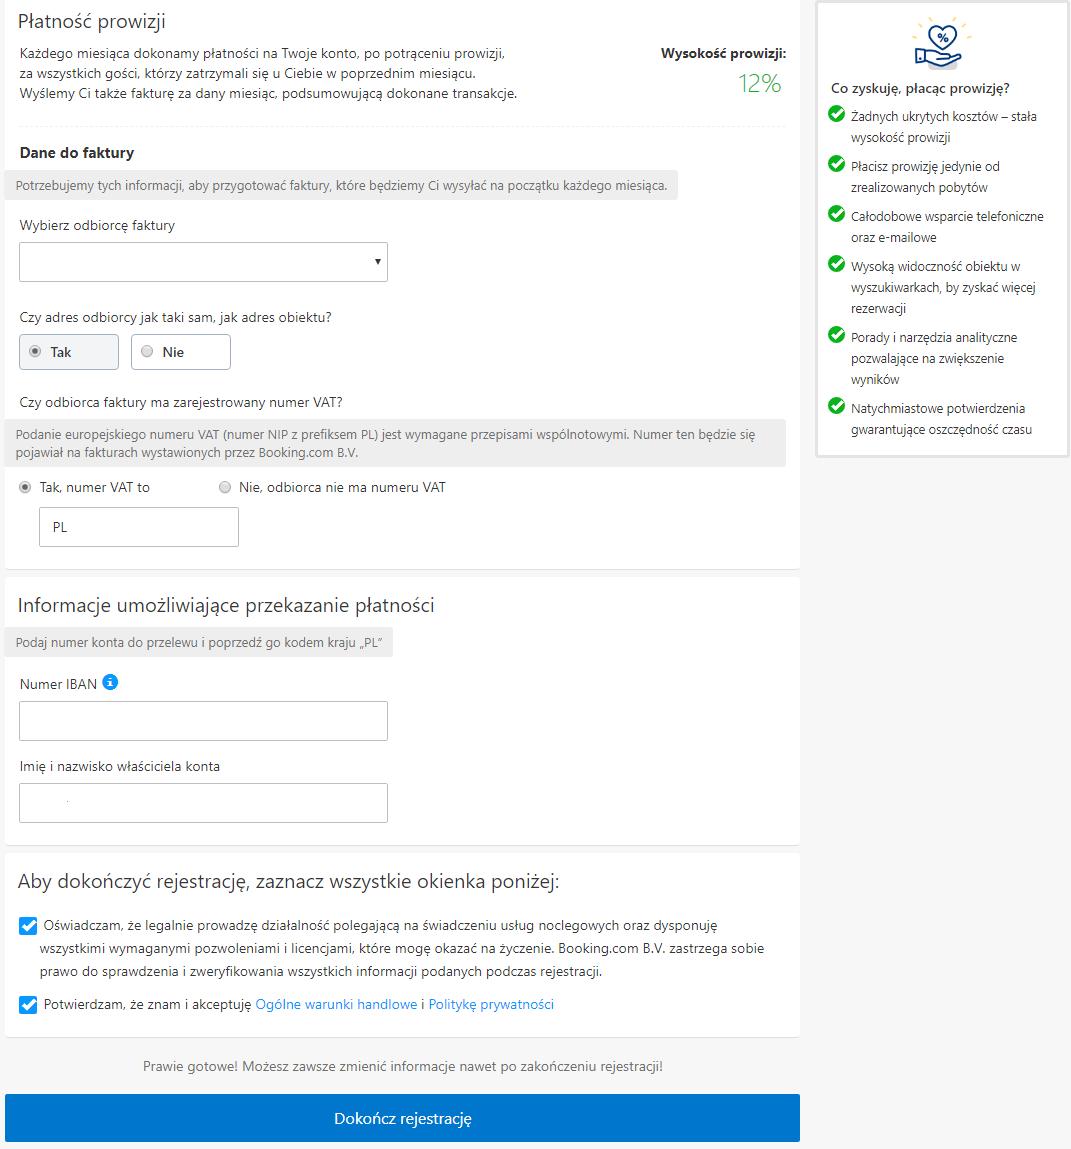 płatności nabookingu 2